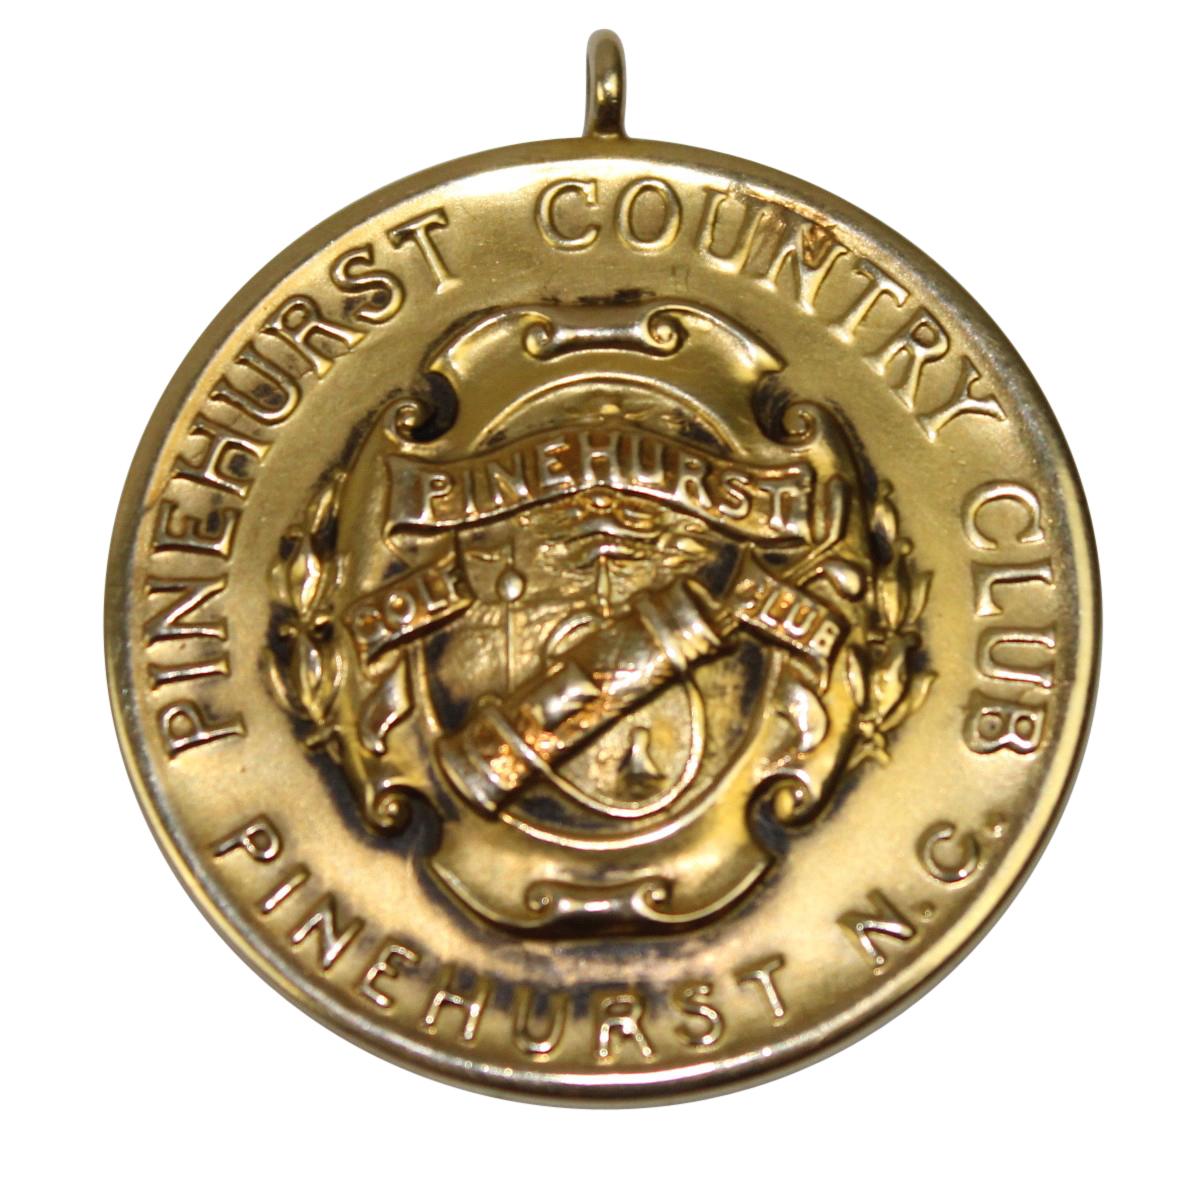 lot detail - 1911 pinehurst cc 14k gold medal